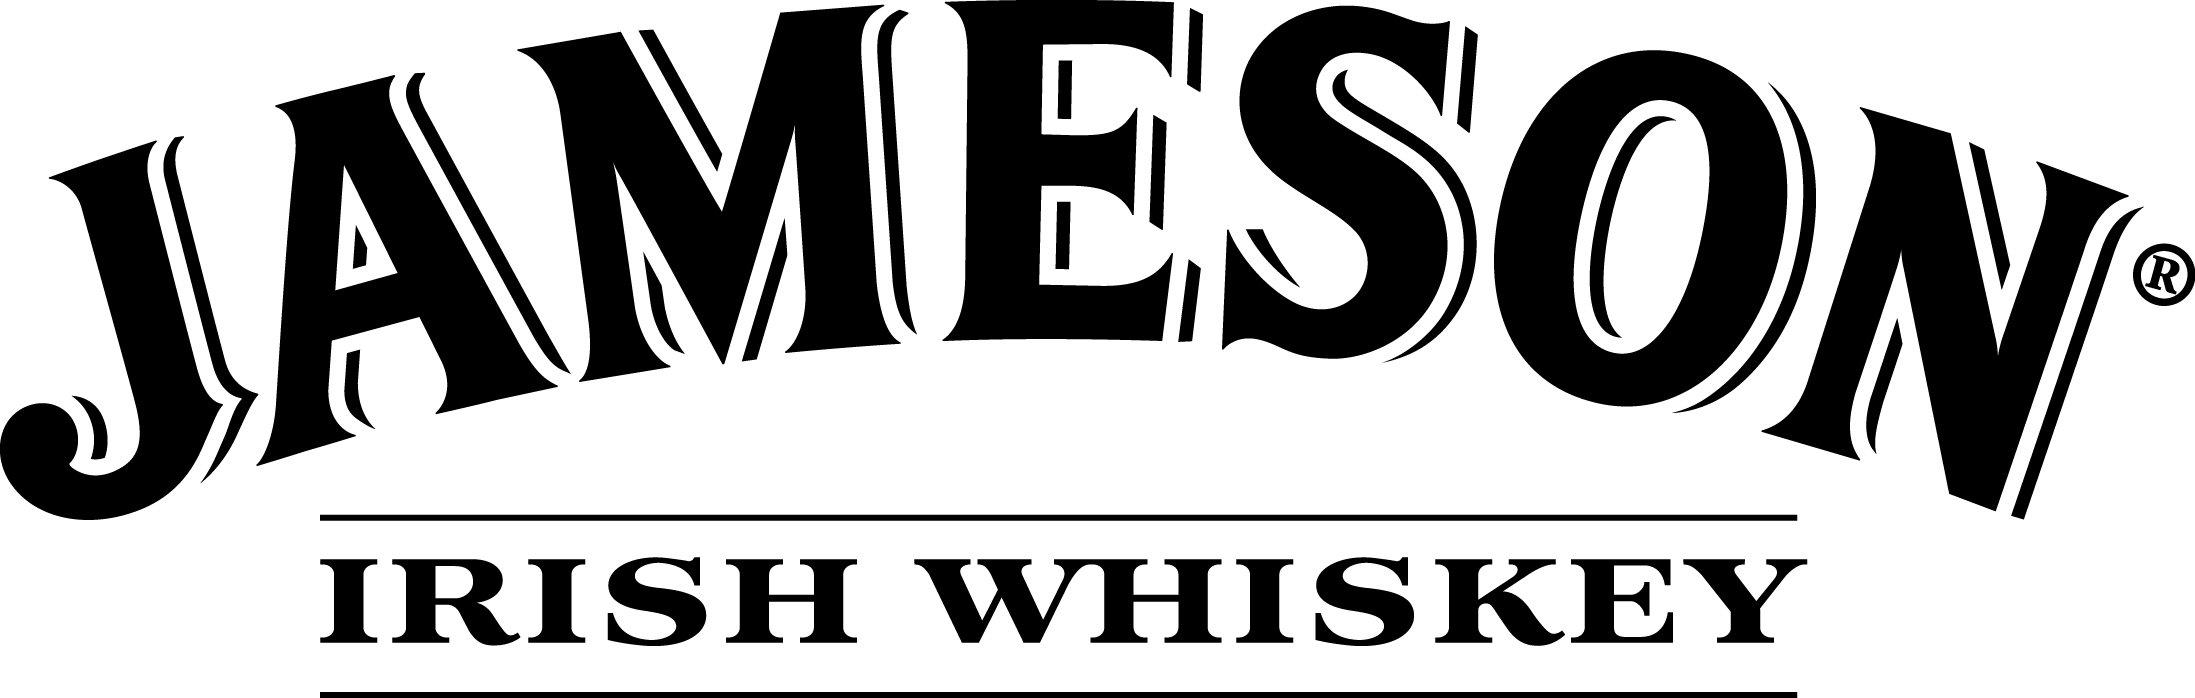 http://www.llywelynspub.com/images/jameson_logo2.jpg